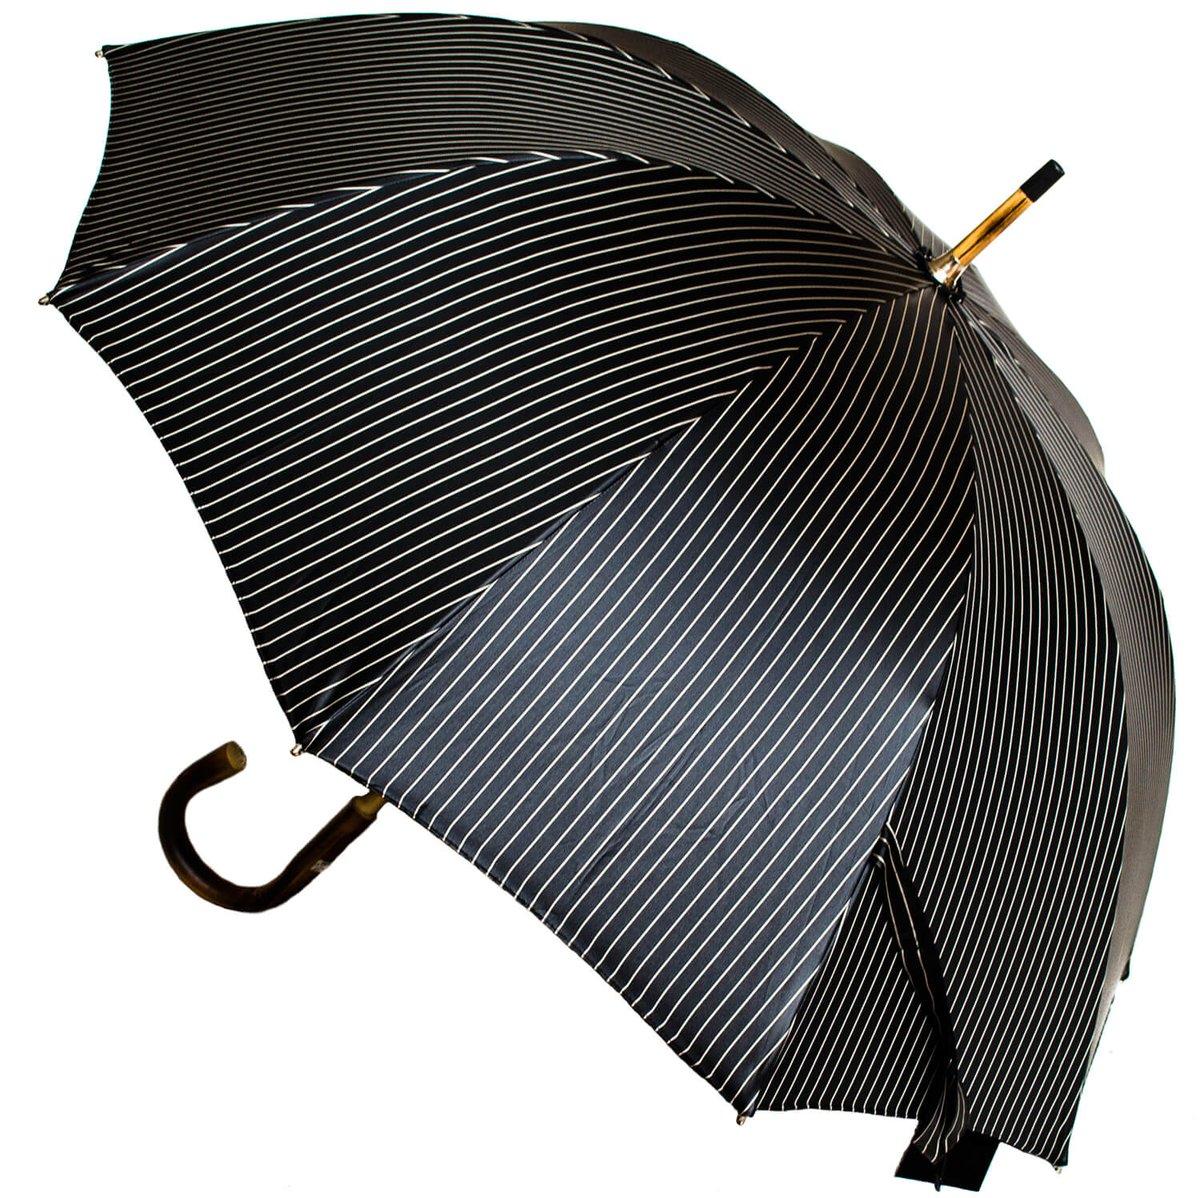 Зонты - Подарок Мужчине - магазин подарков мужчинам 99